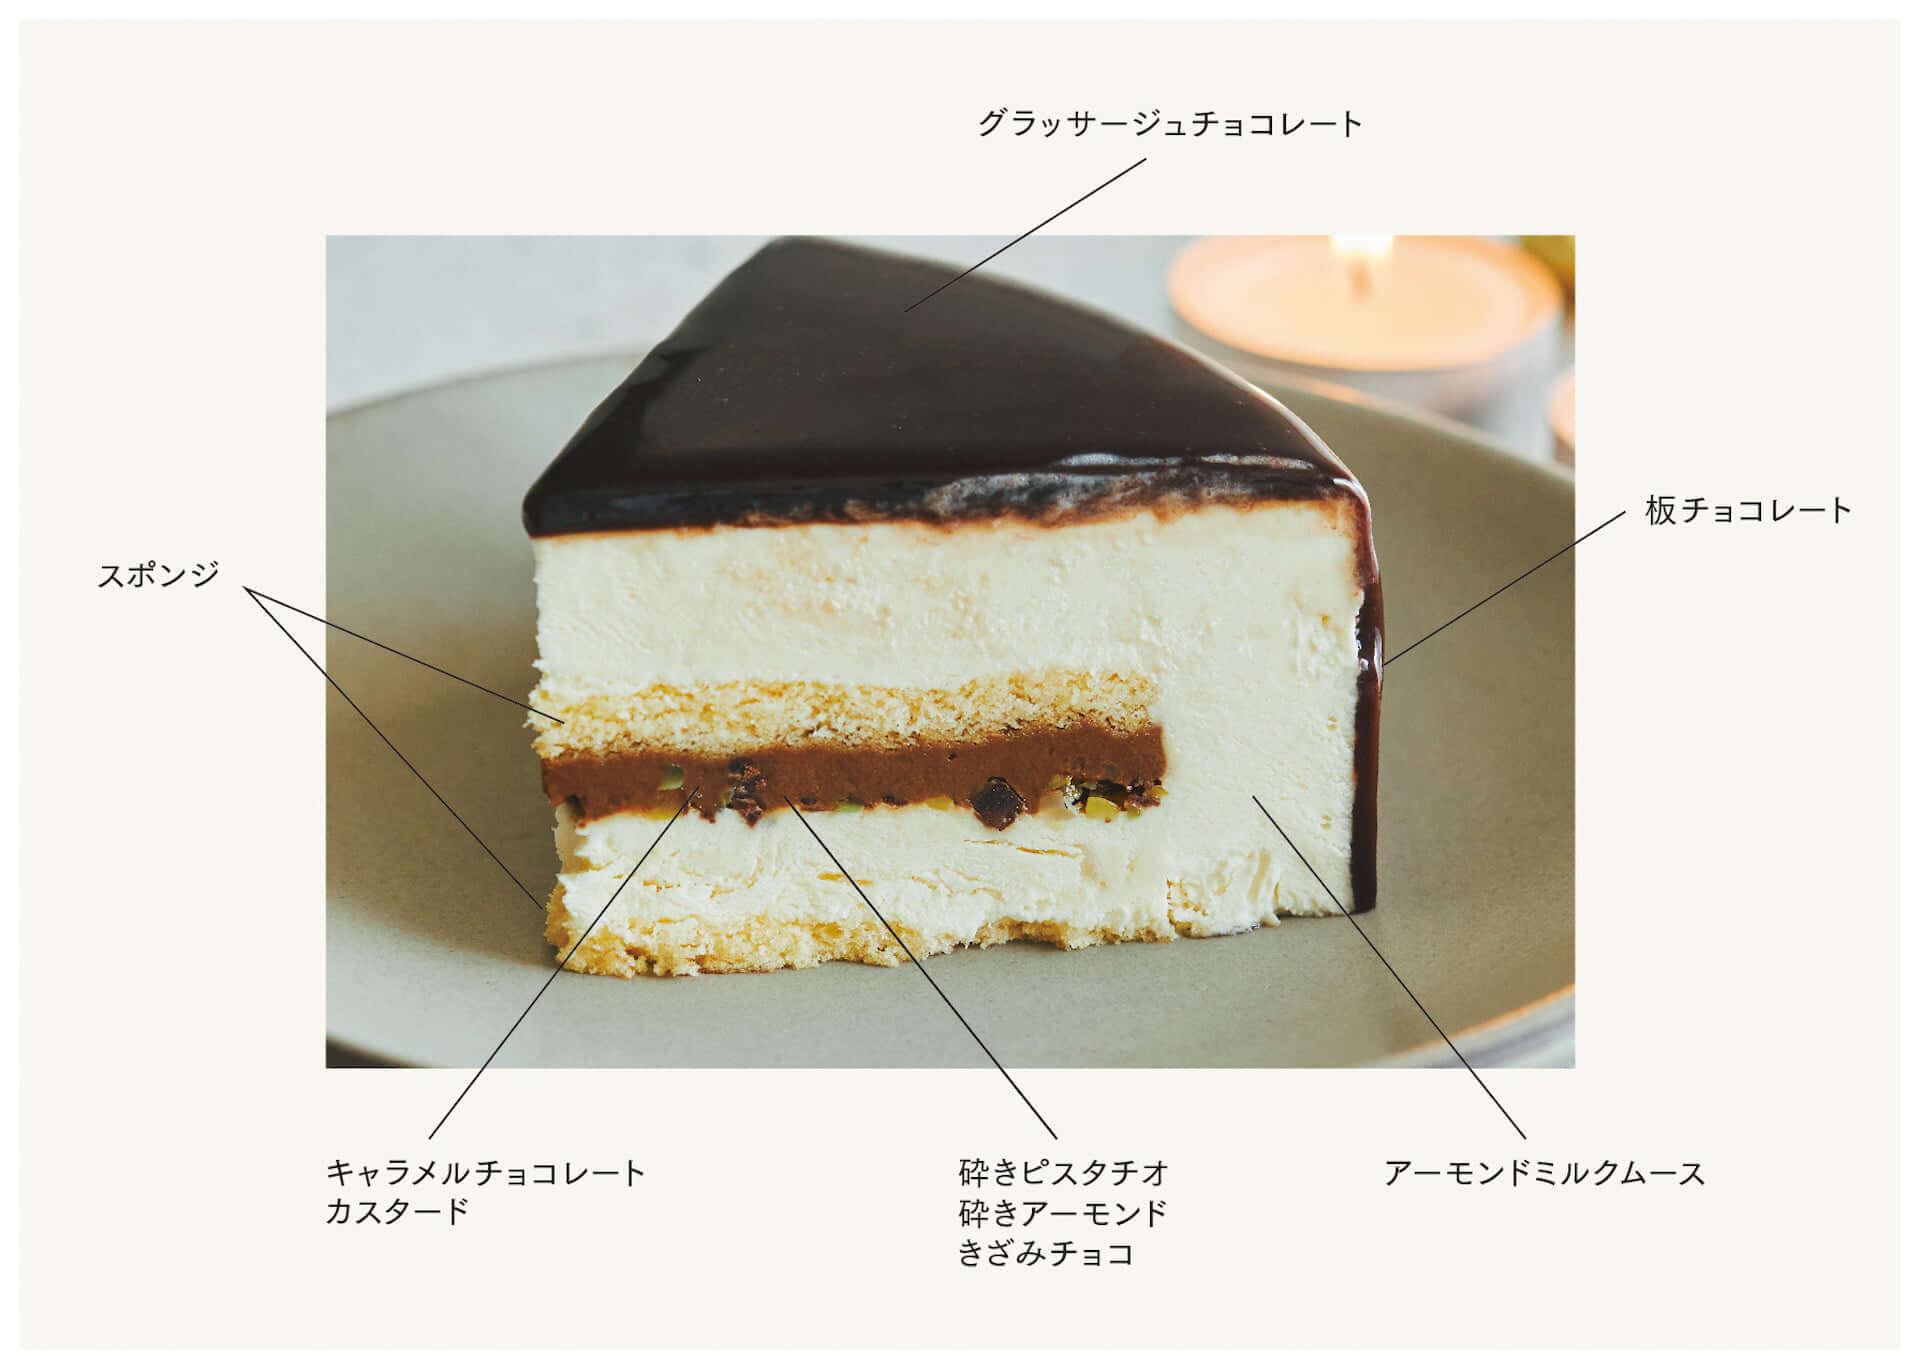 今年のクリスマスはこれで決まり!MAISON CACAOから「チョコレートよりチョコレートを感じるケーキ」が登場 gourmet200924_maisoncacao_2-1920x1369